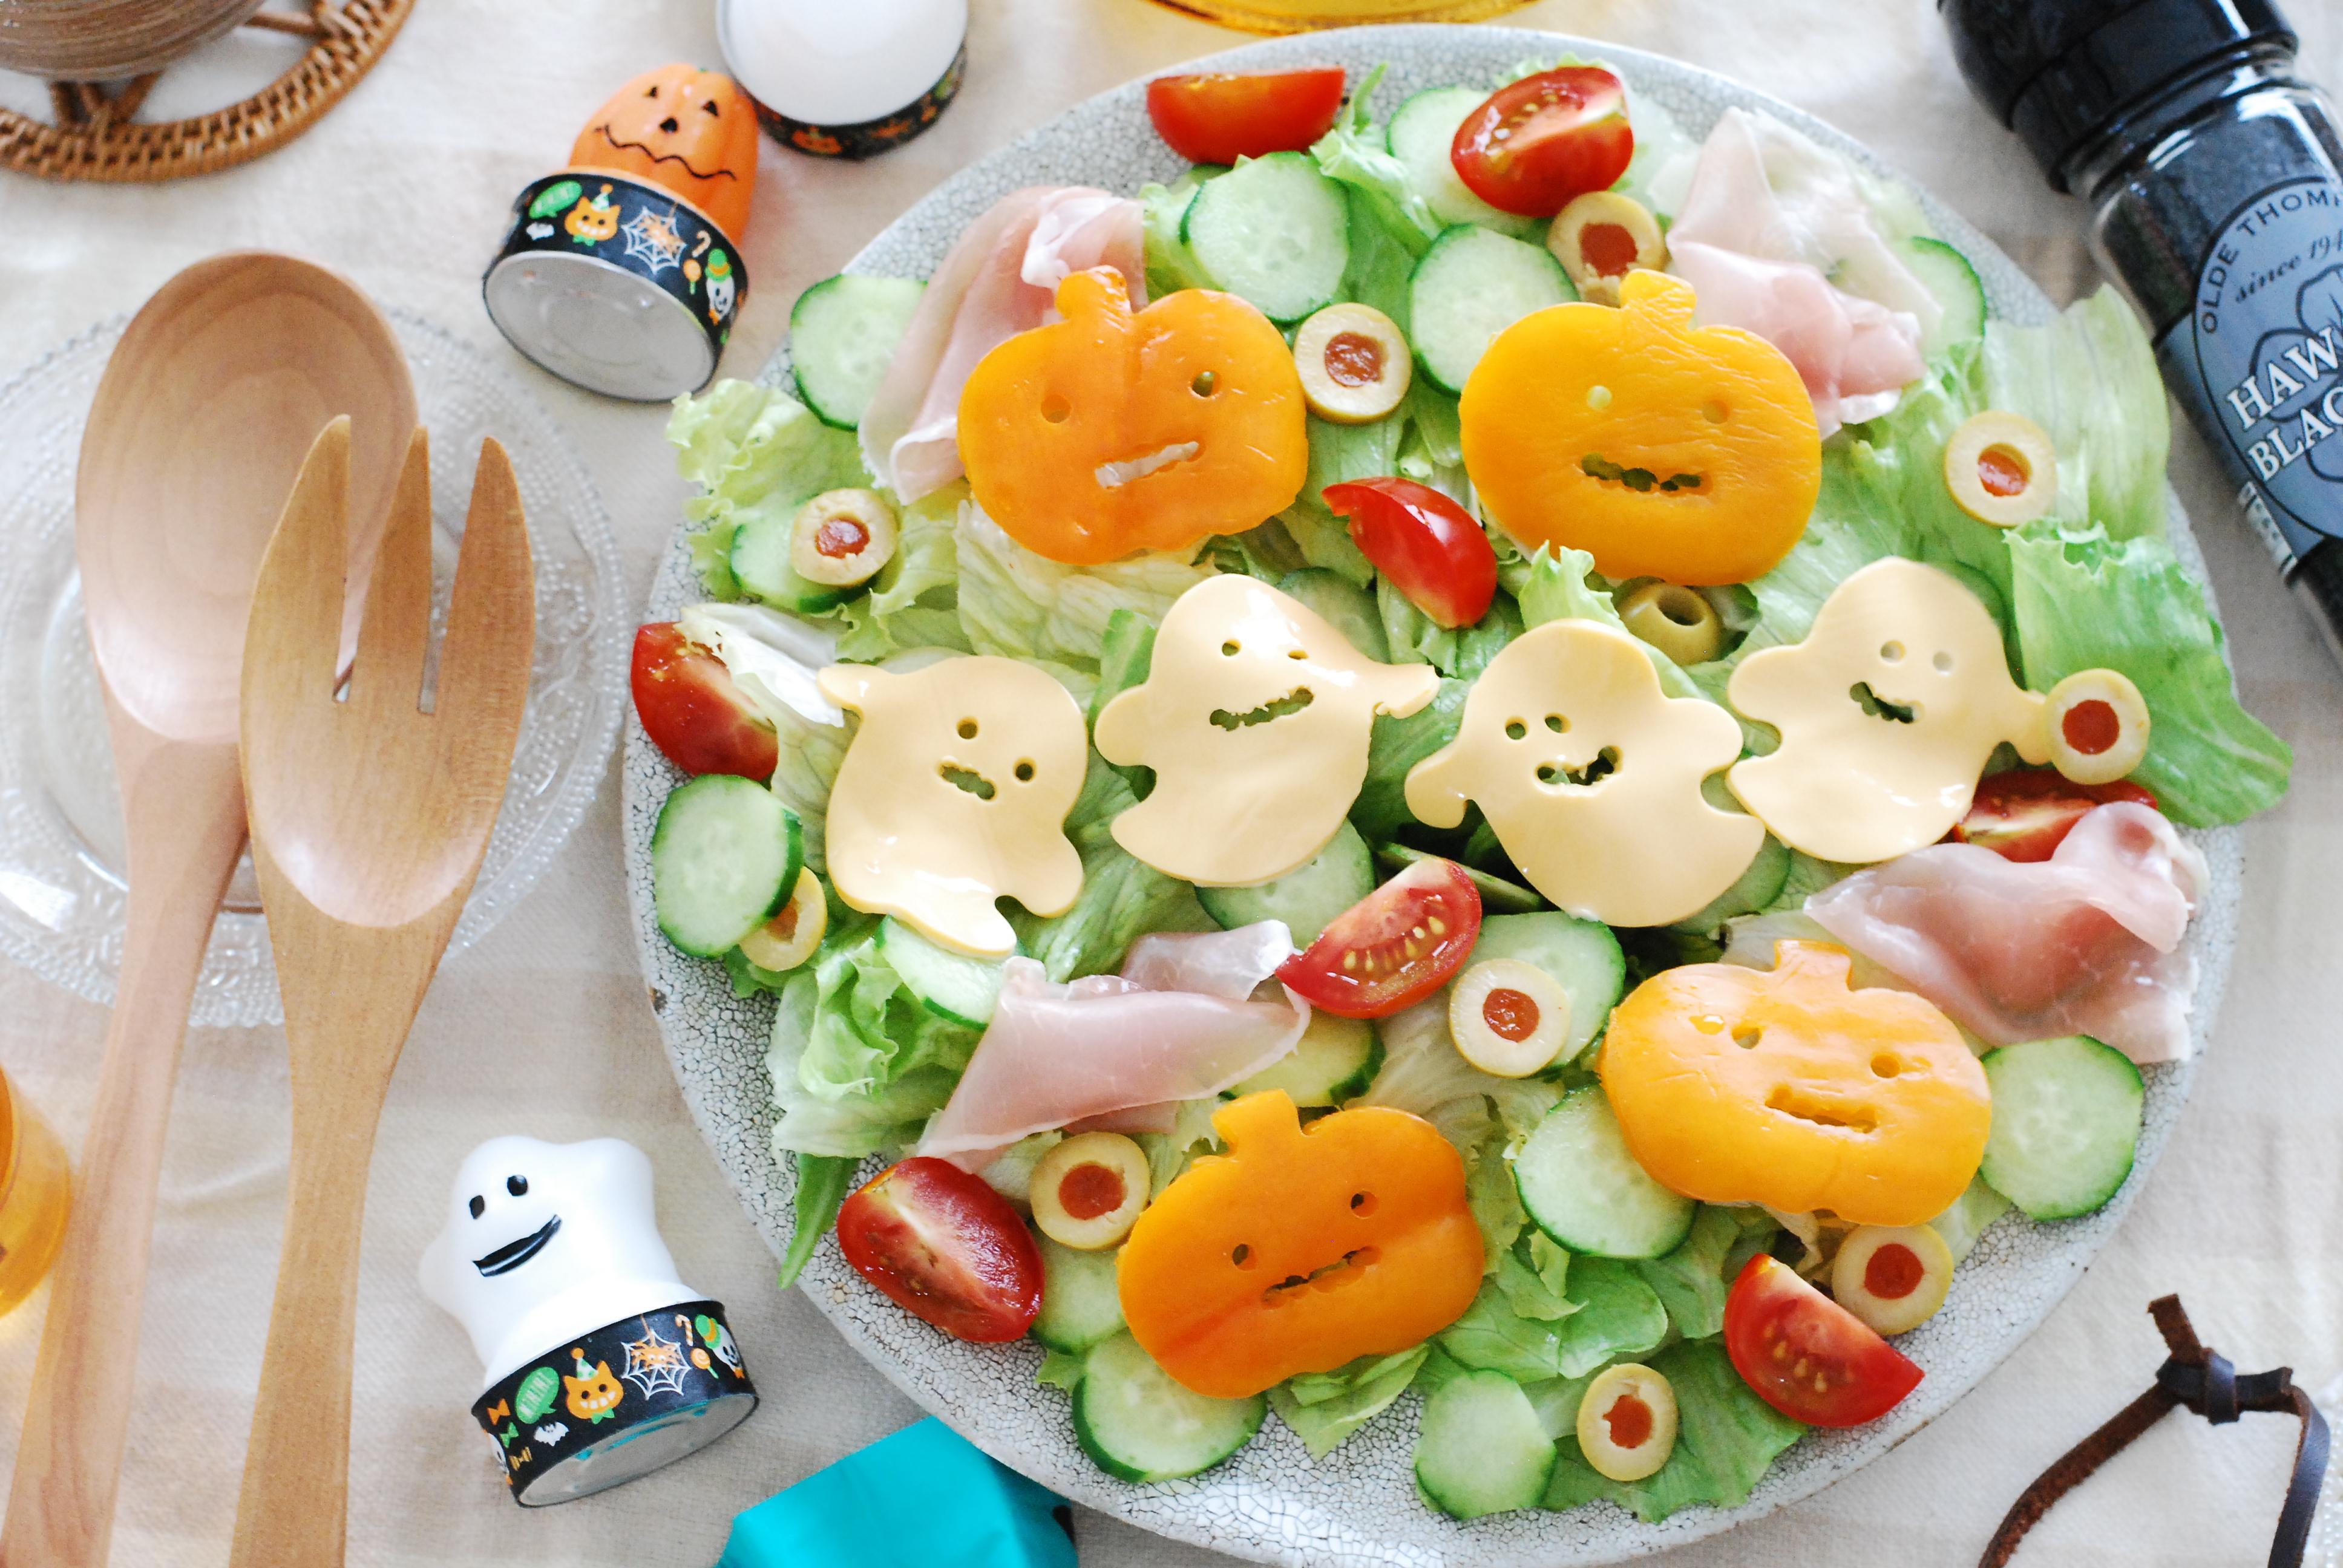 ハッピーハロウィンわくわくサラダ?